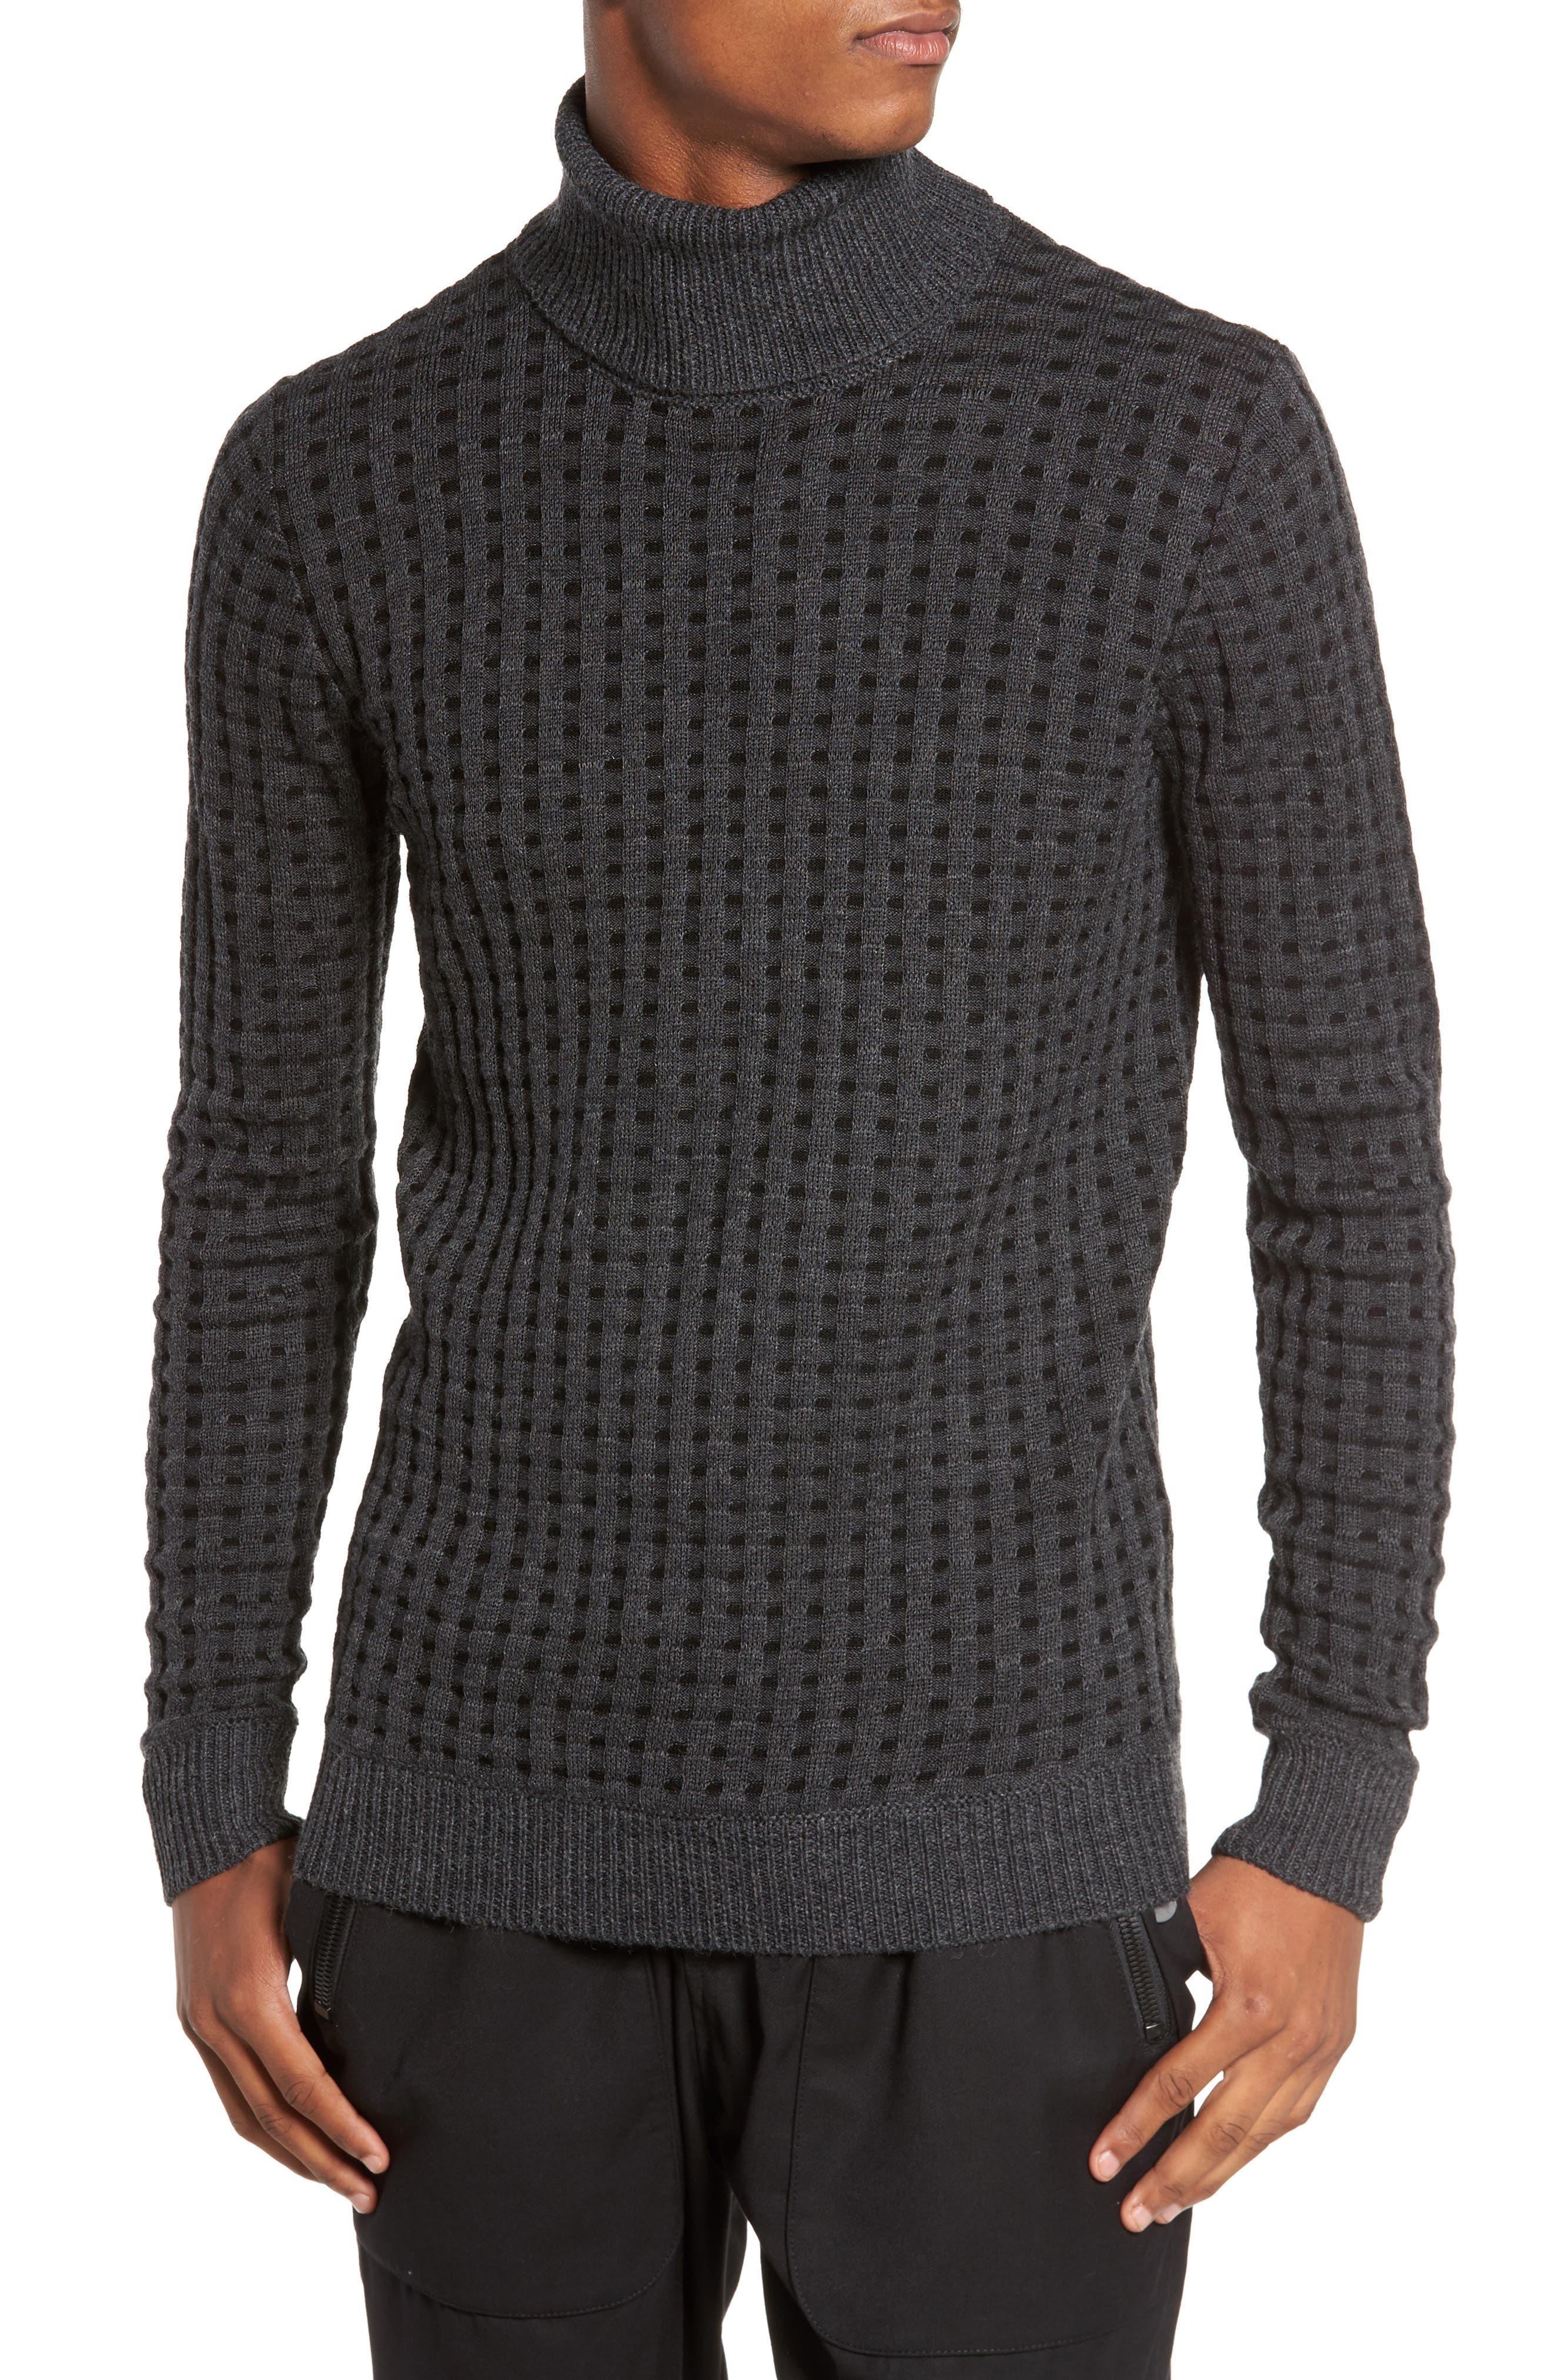 Antony Morato Turtleneck Sweater